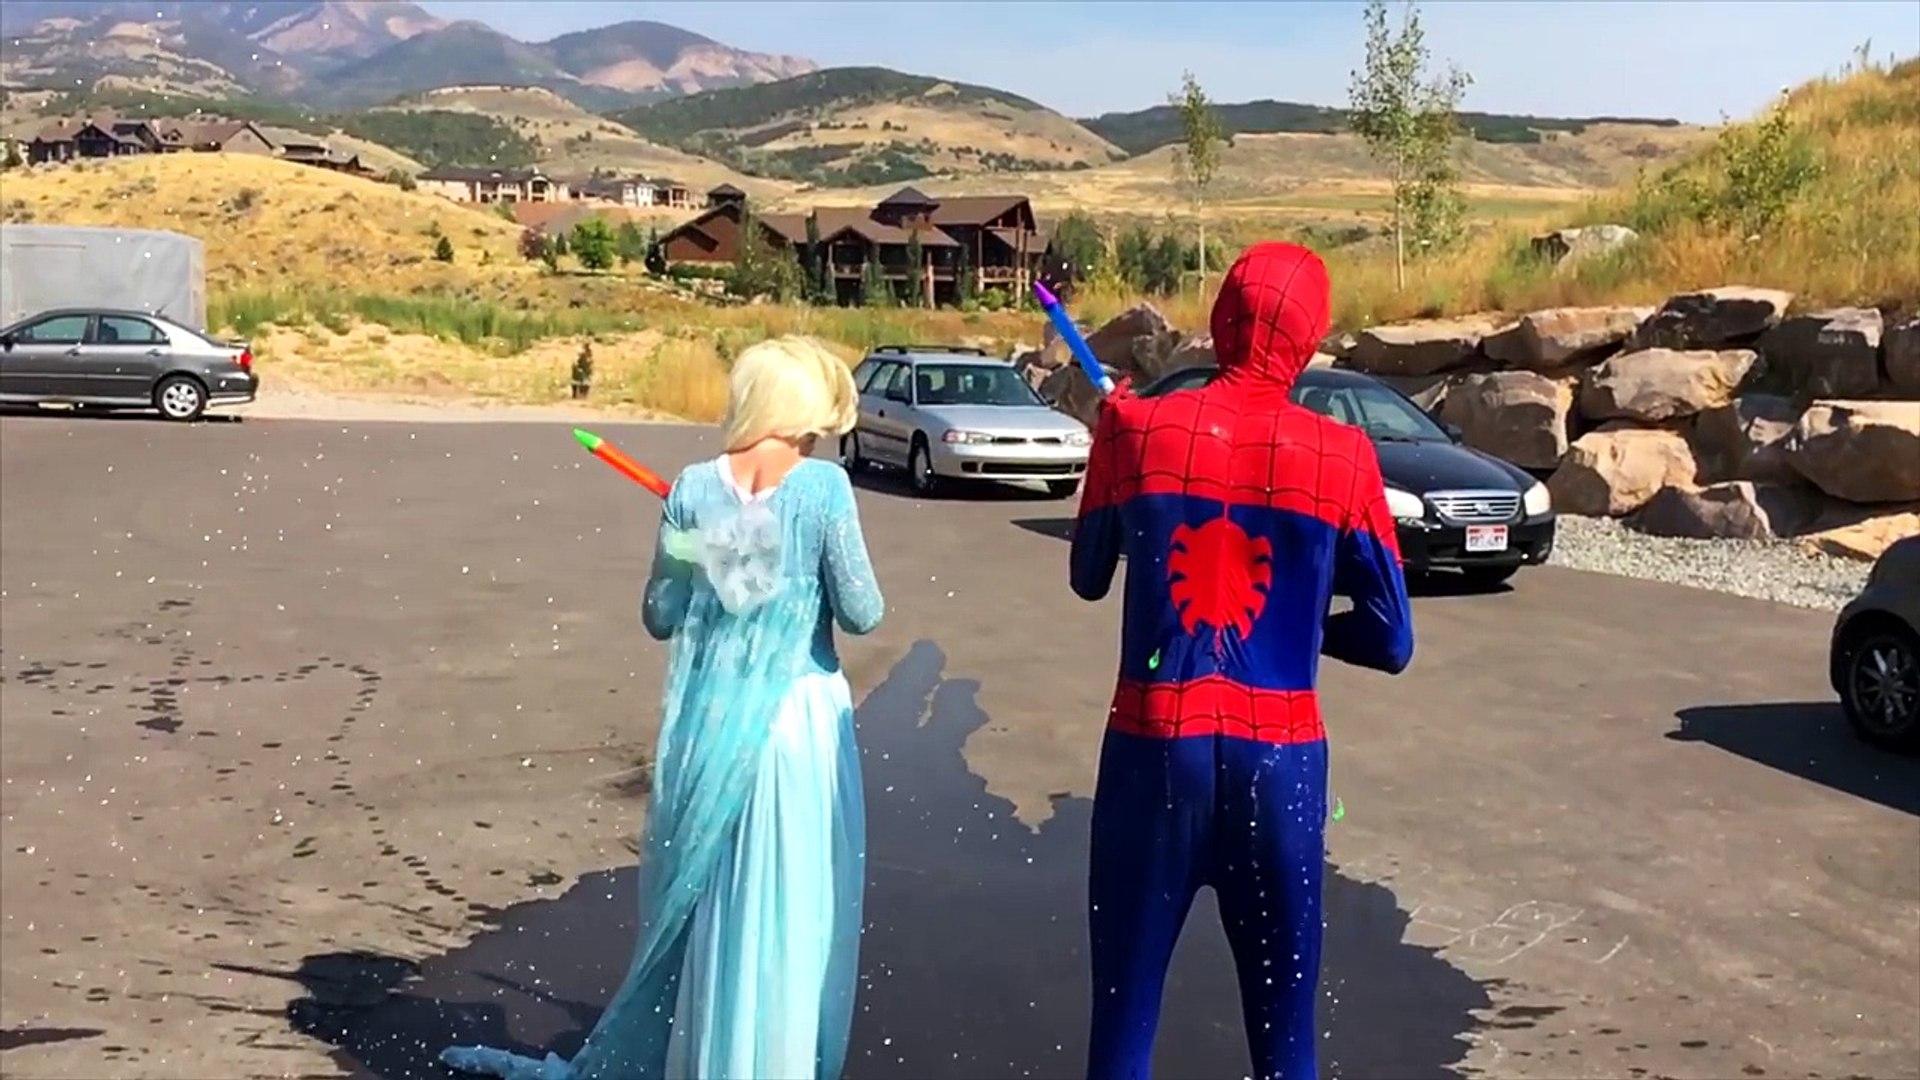 в и к автомобиль танцы Эльза замороженный замороженные зеленый в в в в Выкл Дорога снег человек-паук